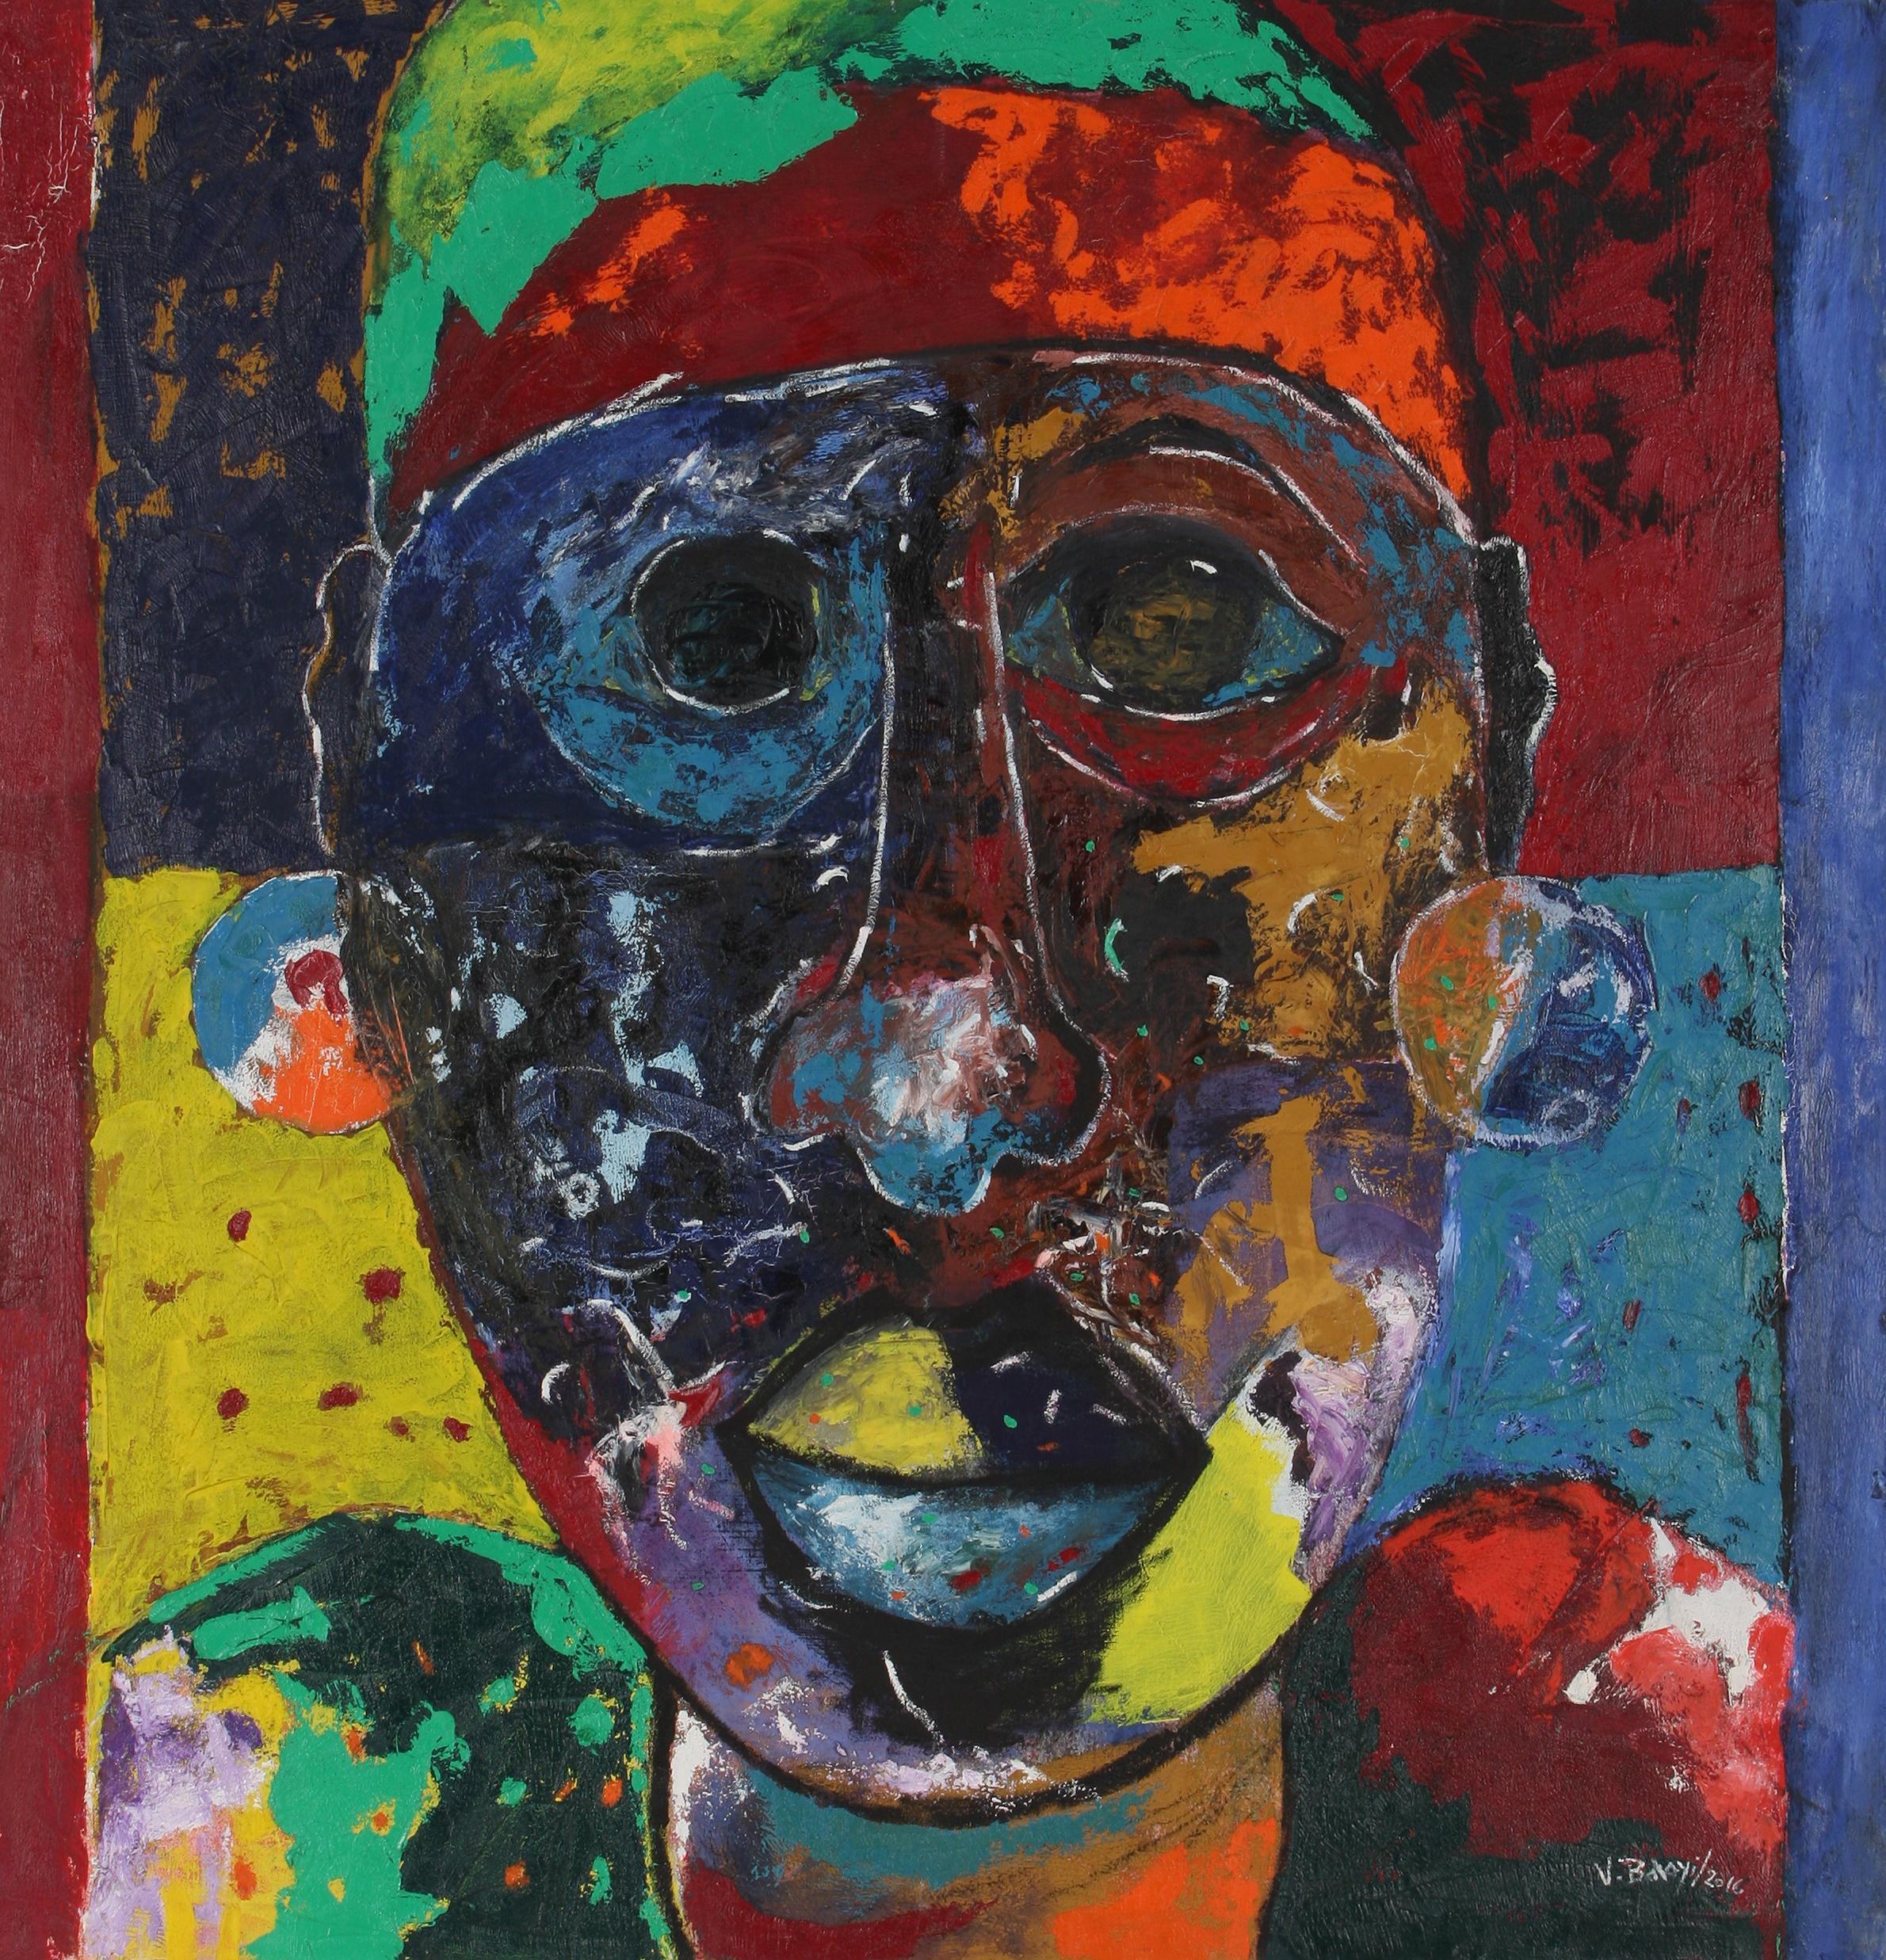 Vincent Baloyi (South Africa 1954-) Mahlo Makhulu (Big Eyes), 2016